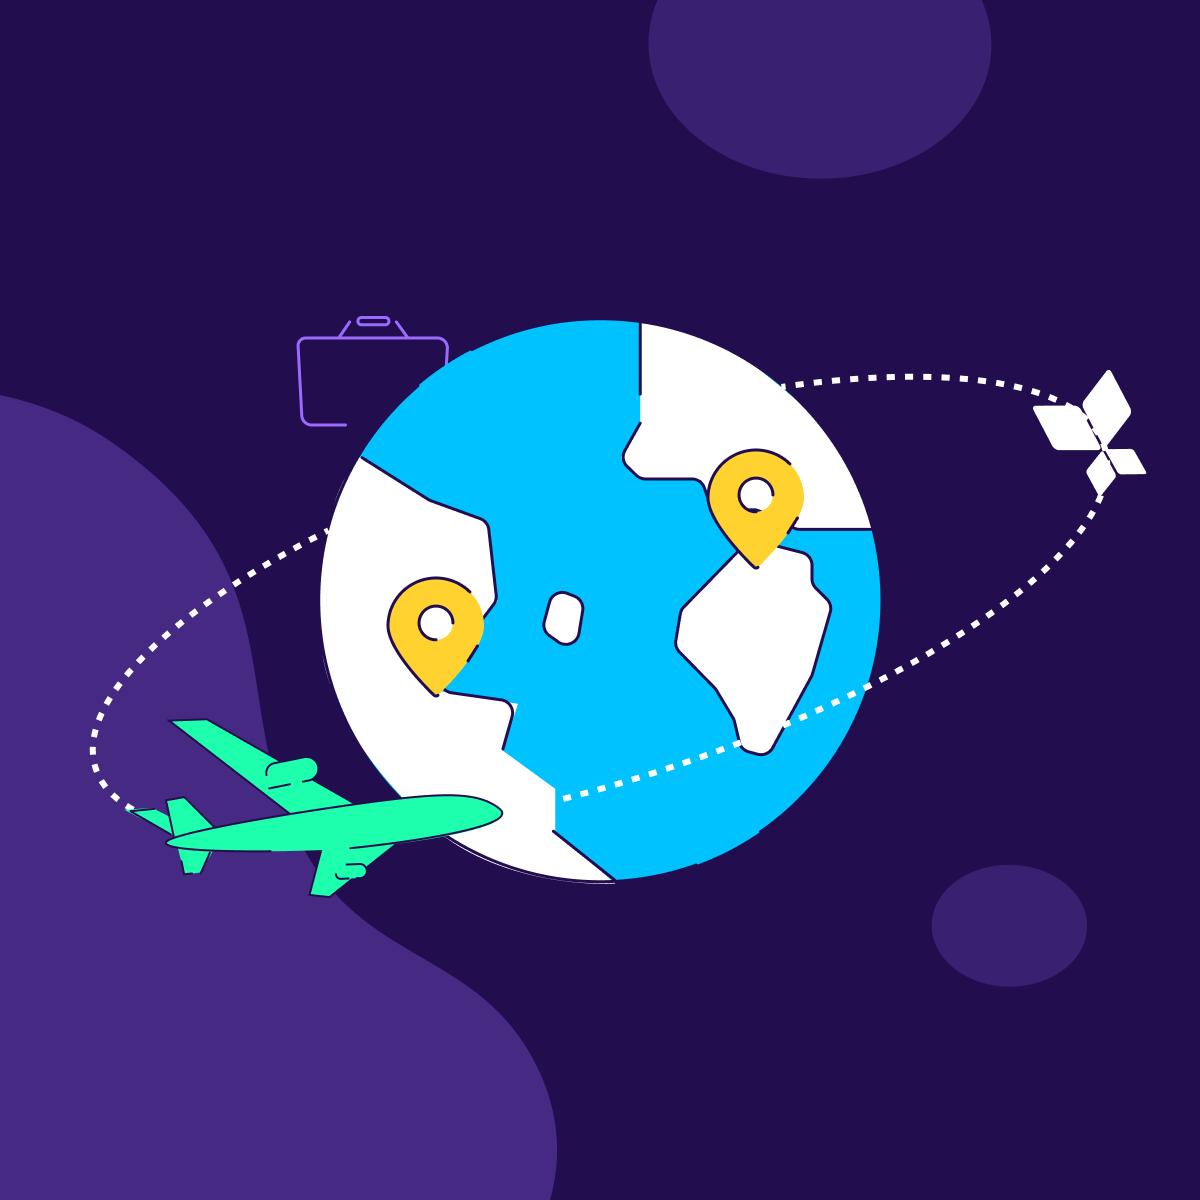 appsflyer global employee exchange program